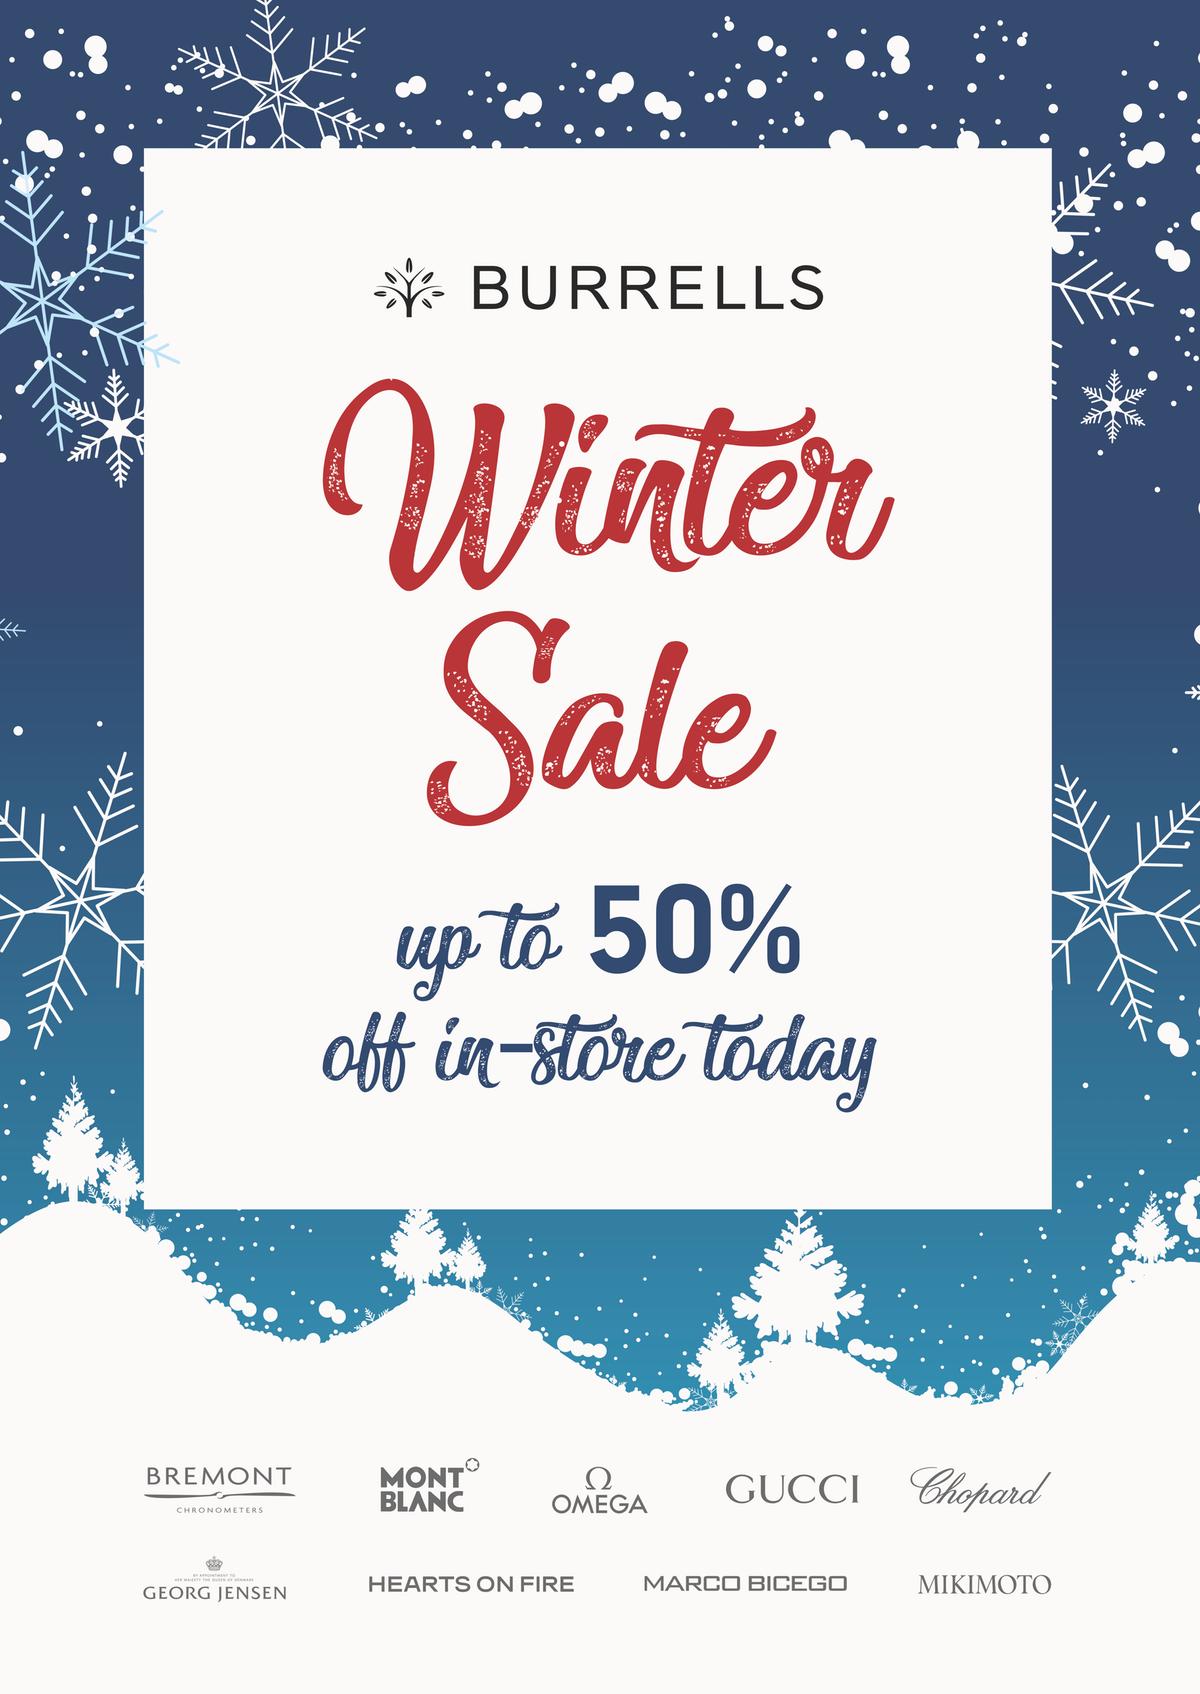 A Board for Burrells Sale campaign